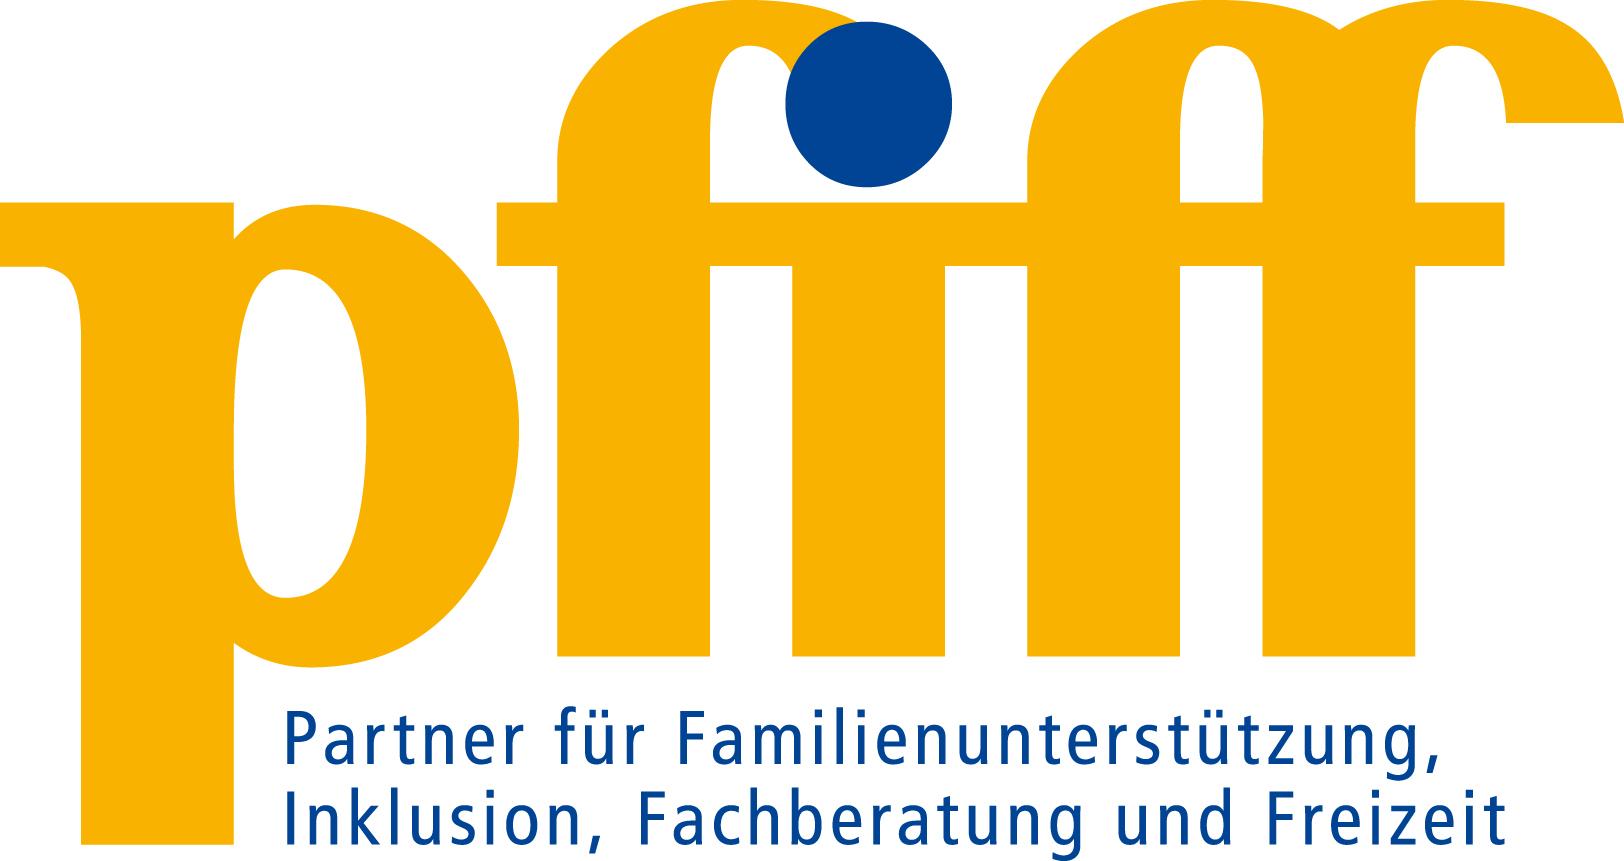 pfiff – Partner für Familienunterstützung, Inklusion, Fachberatung und Freizeit